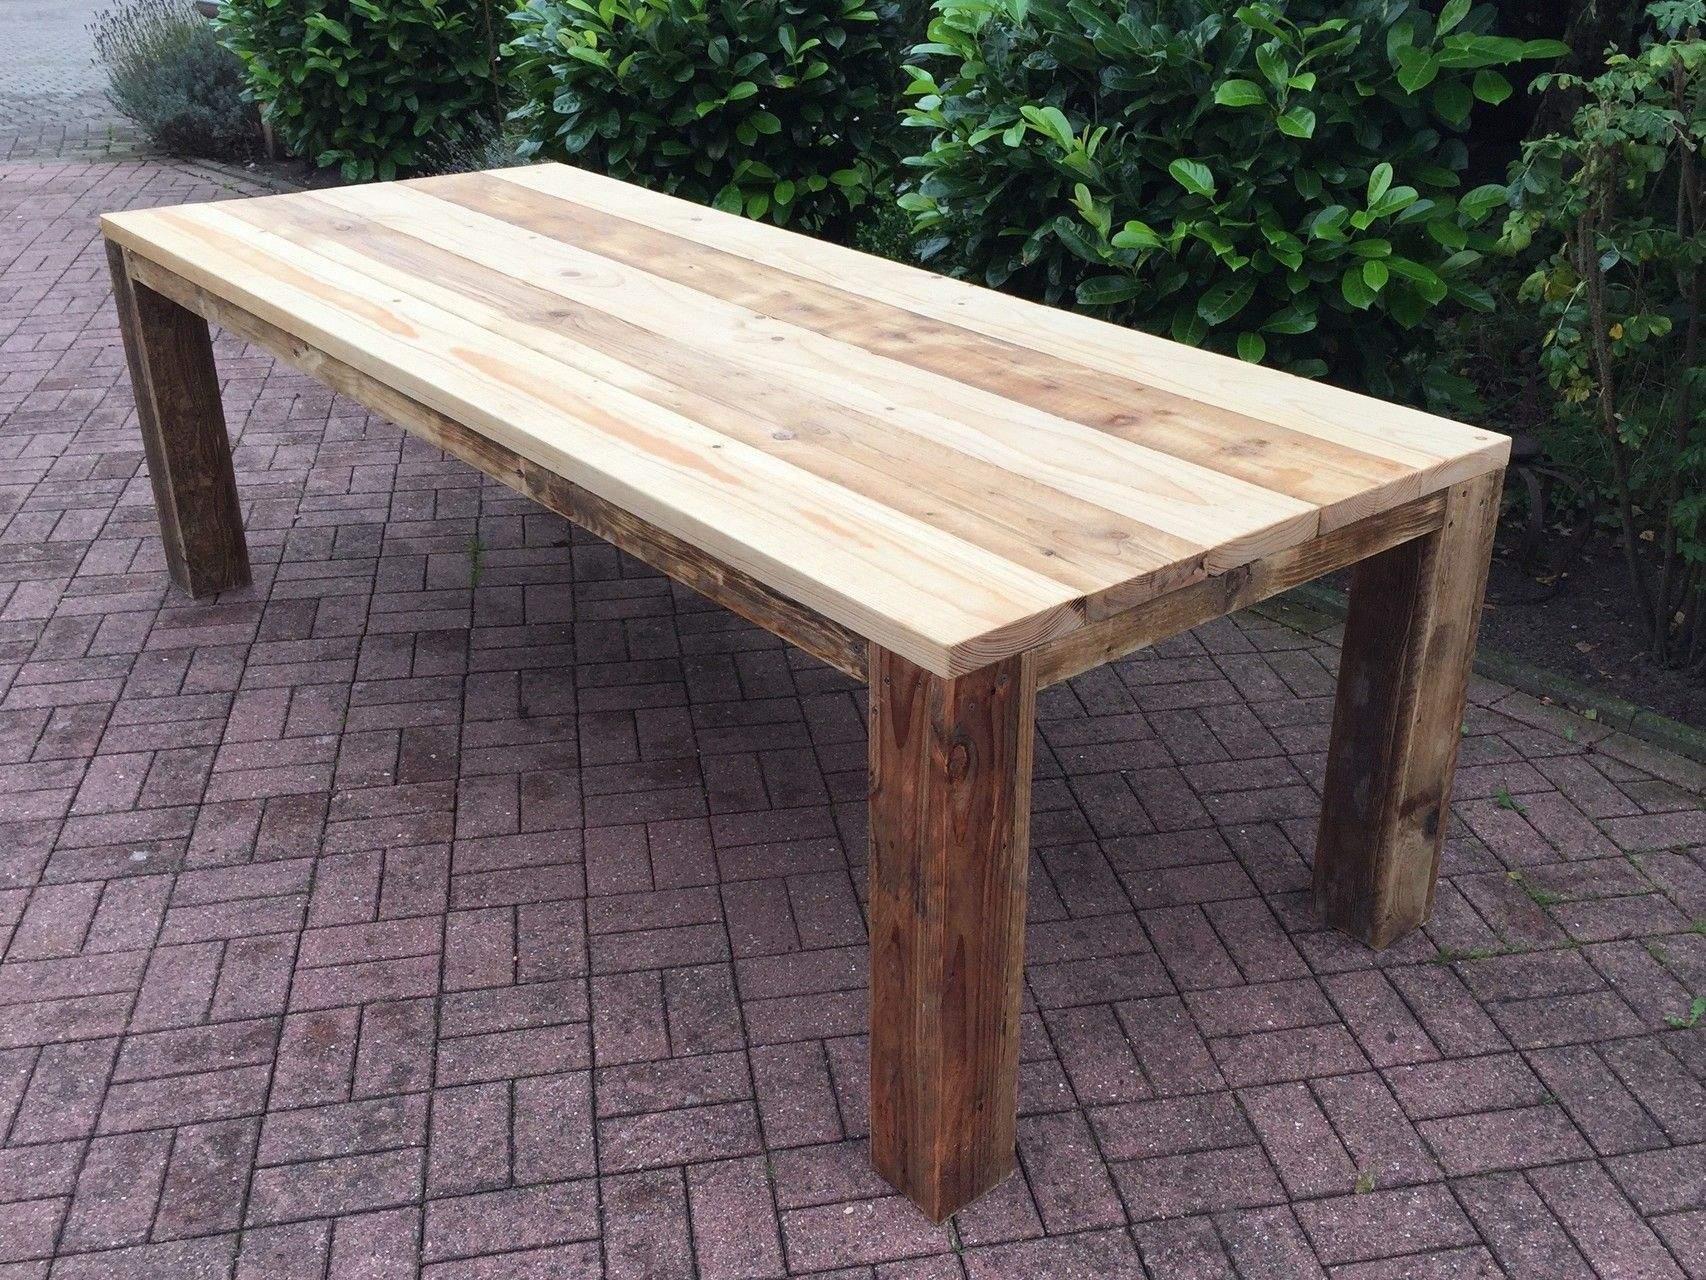 Holzbank Garten Massiv Genial Gartentisch Aus Gebrauchtem Bauholz Geölt